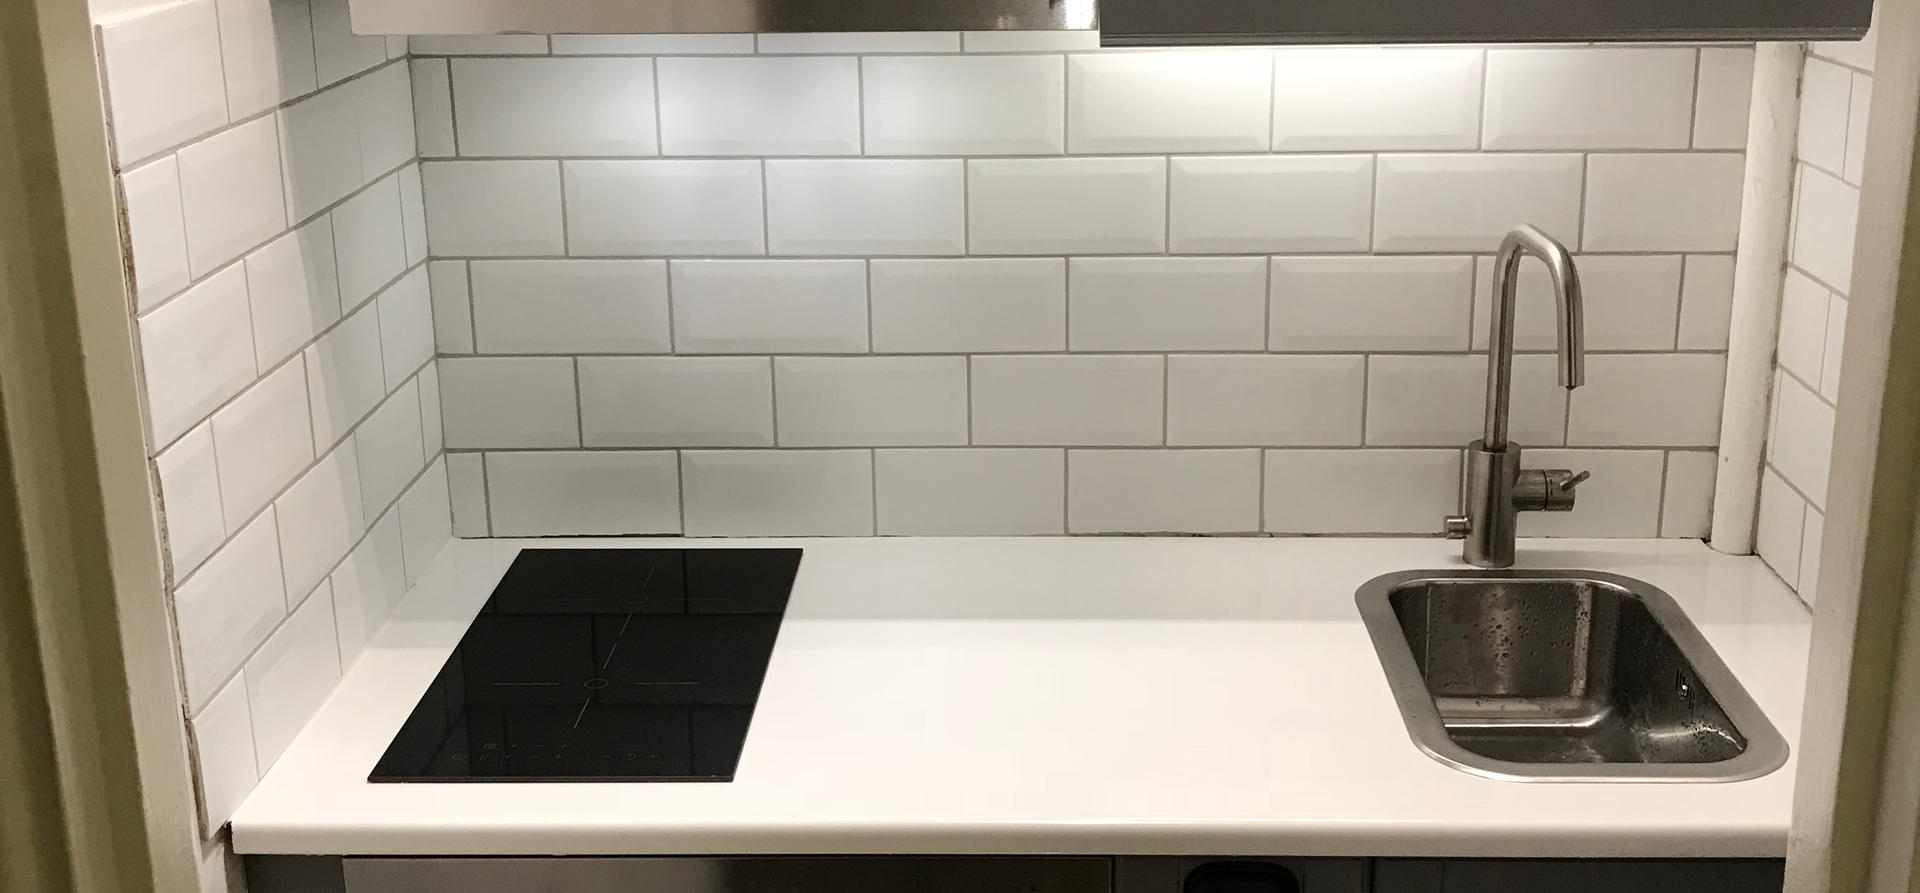 Kompakt kokvrå - Efter